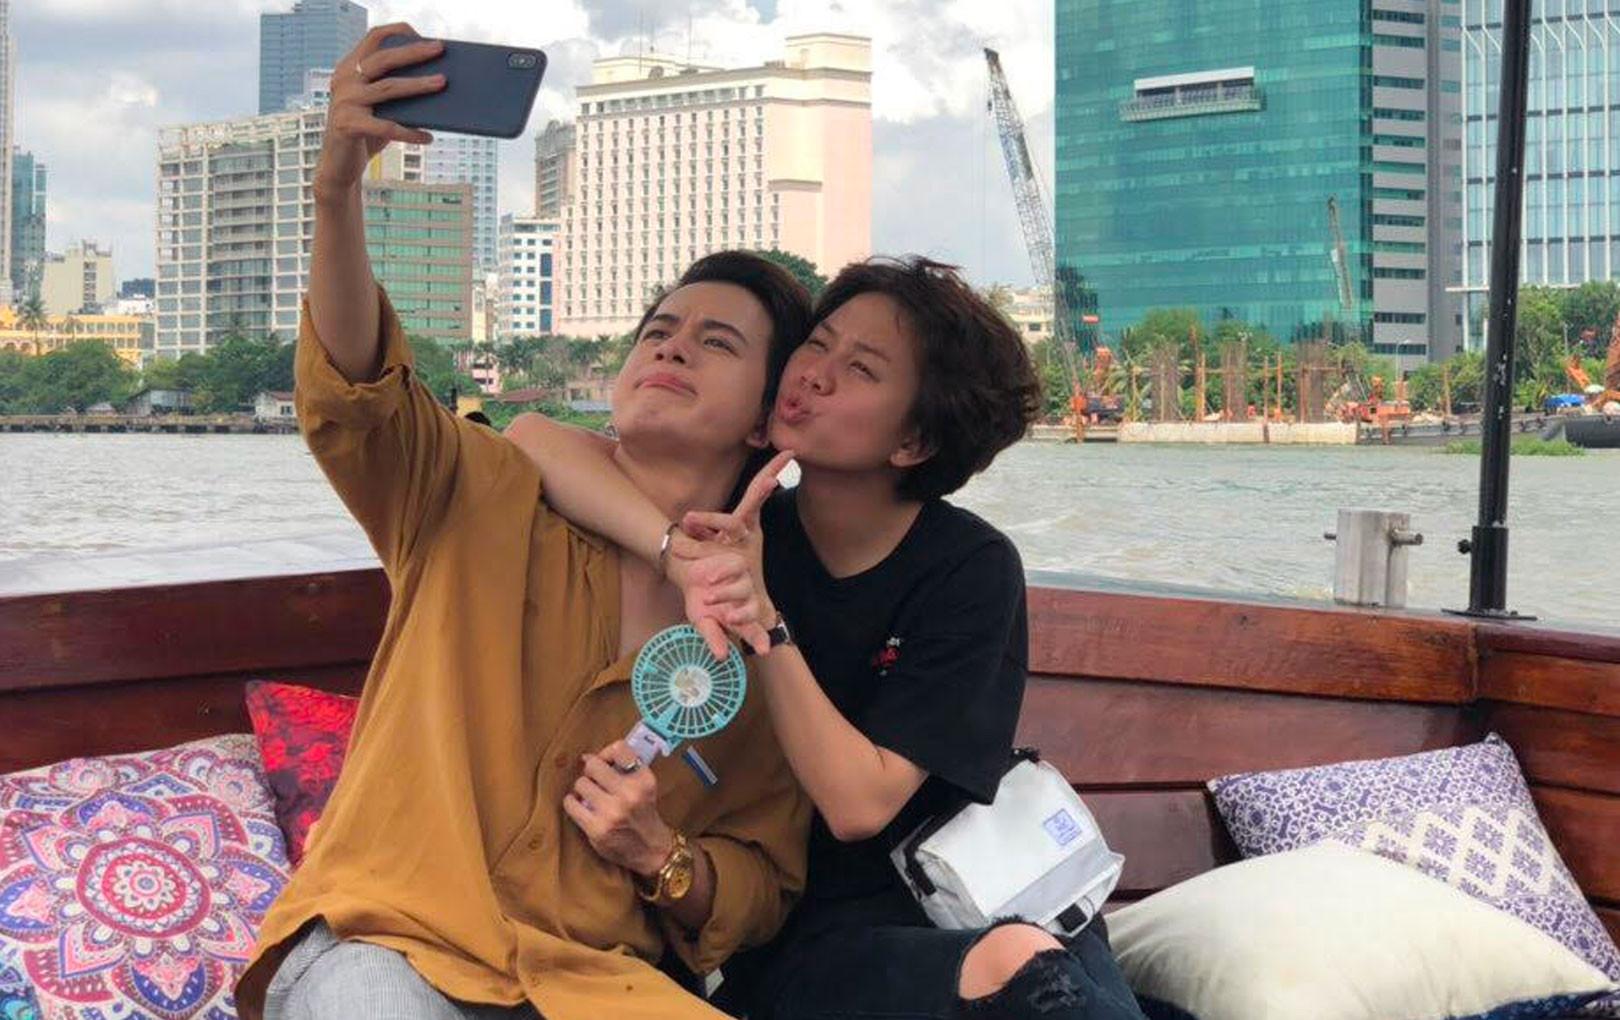 """Mặc kệ hot girl phá hoại mối tình """"cặp đôi chim ri"""", Bảo Hân dành cho Quang Anh nụ hôn đầu tiên đây này!"""